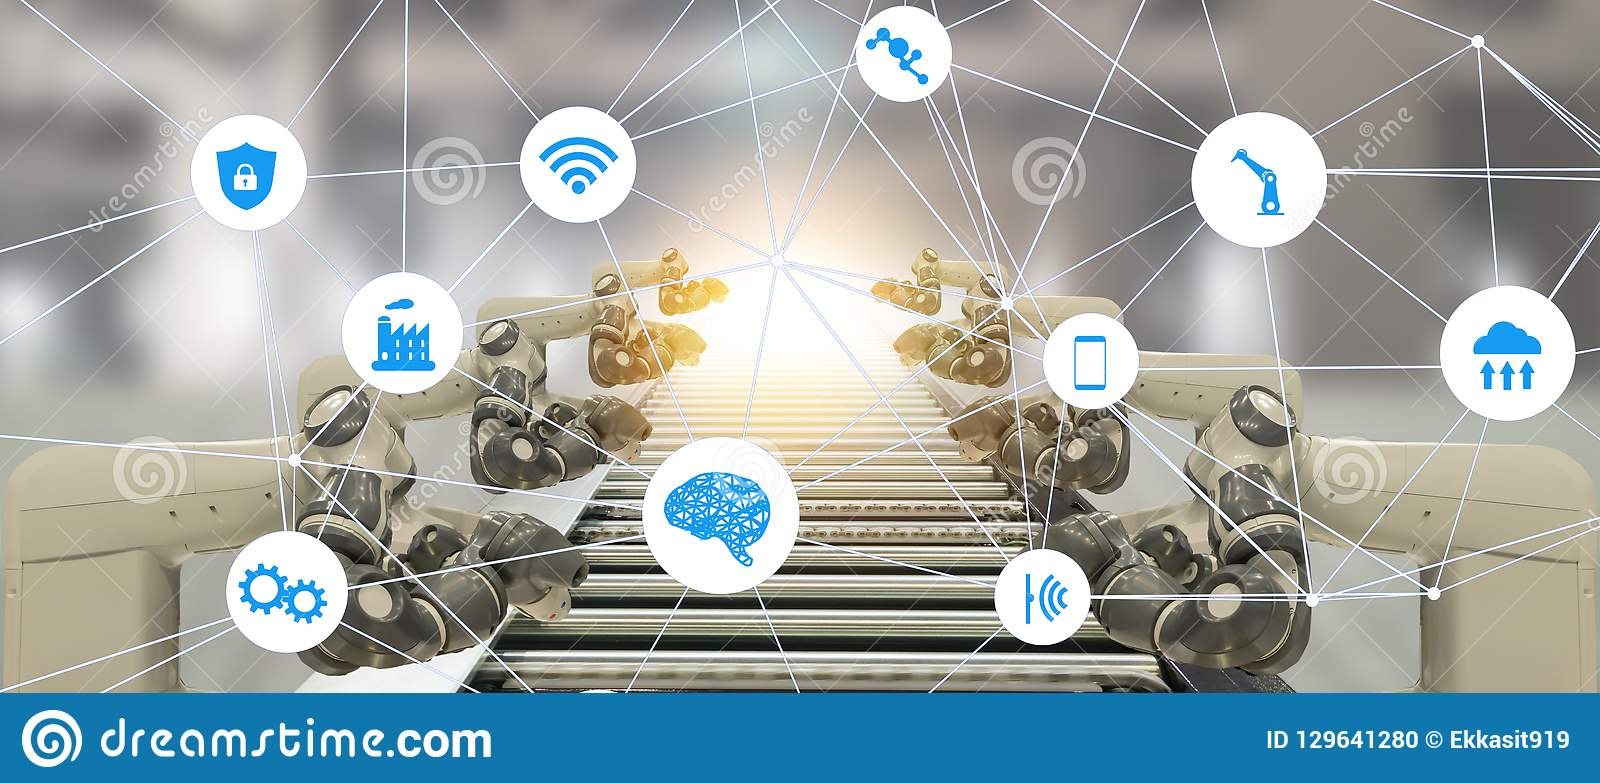 Indústria 4 de Iot 0 conceitos da tecnologia de inteligência artificial Fábrica esperta usando-se tendendo o manufacturi automoti